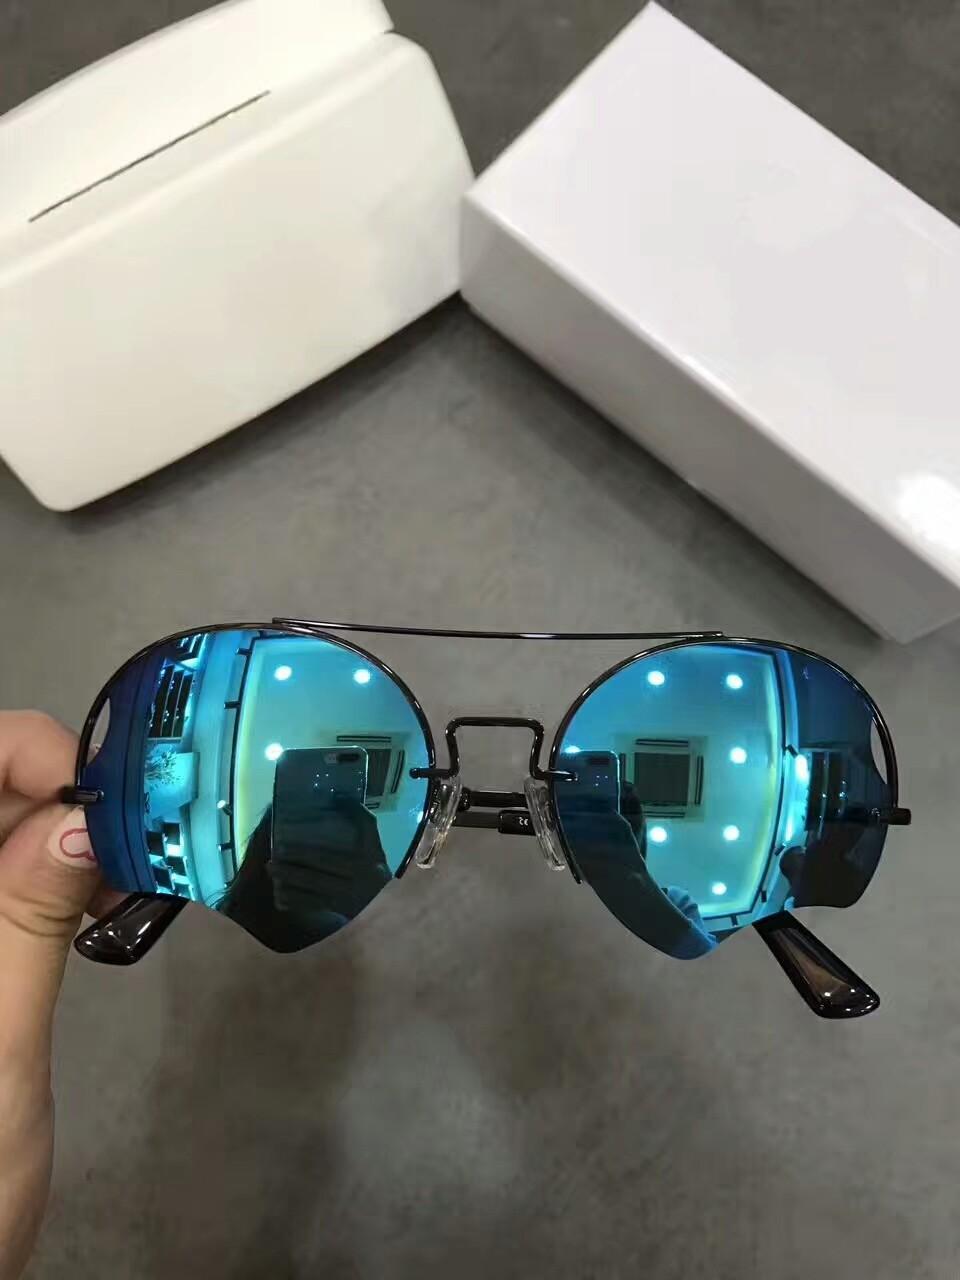 2021 النظارات الشمسية الجديدة للرجال كه الرجال النظارات للنساء إمرأة نظارات الشمس الرجال مزاجه طلاء الأشعة فوق البنفسجية حماية الأزياء النظارات الشمسية